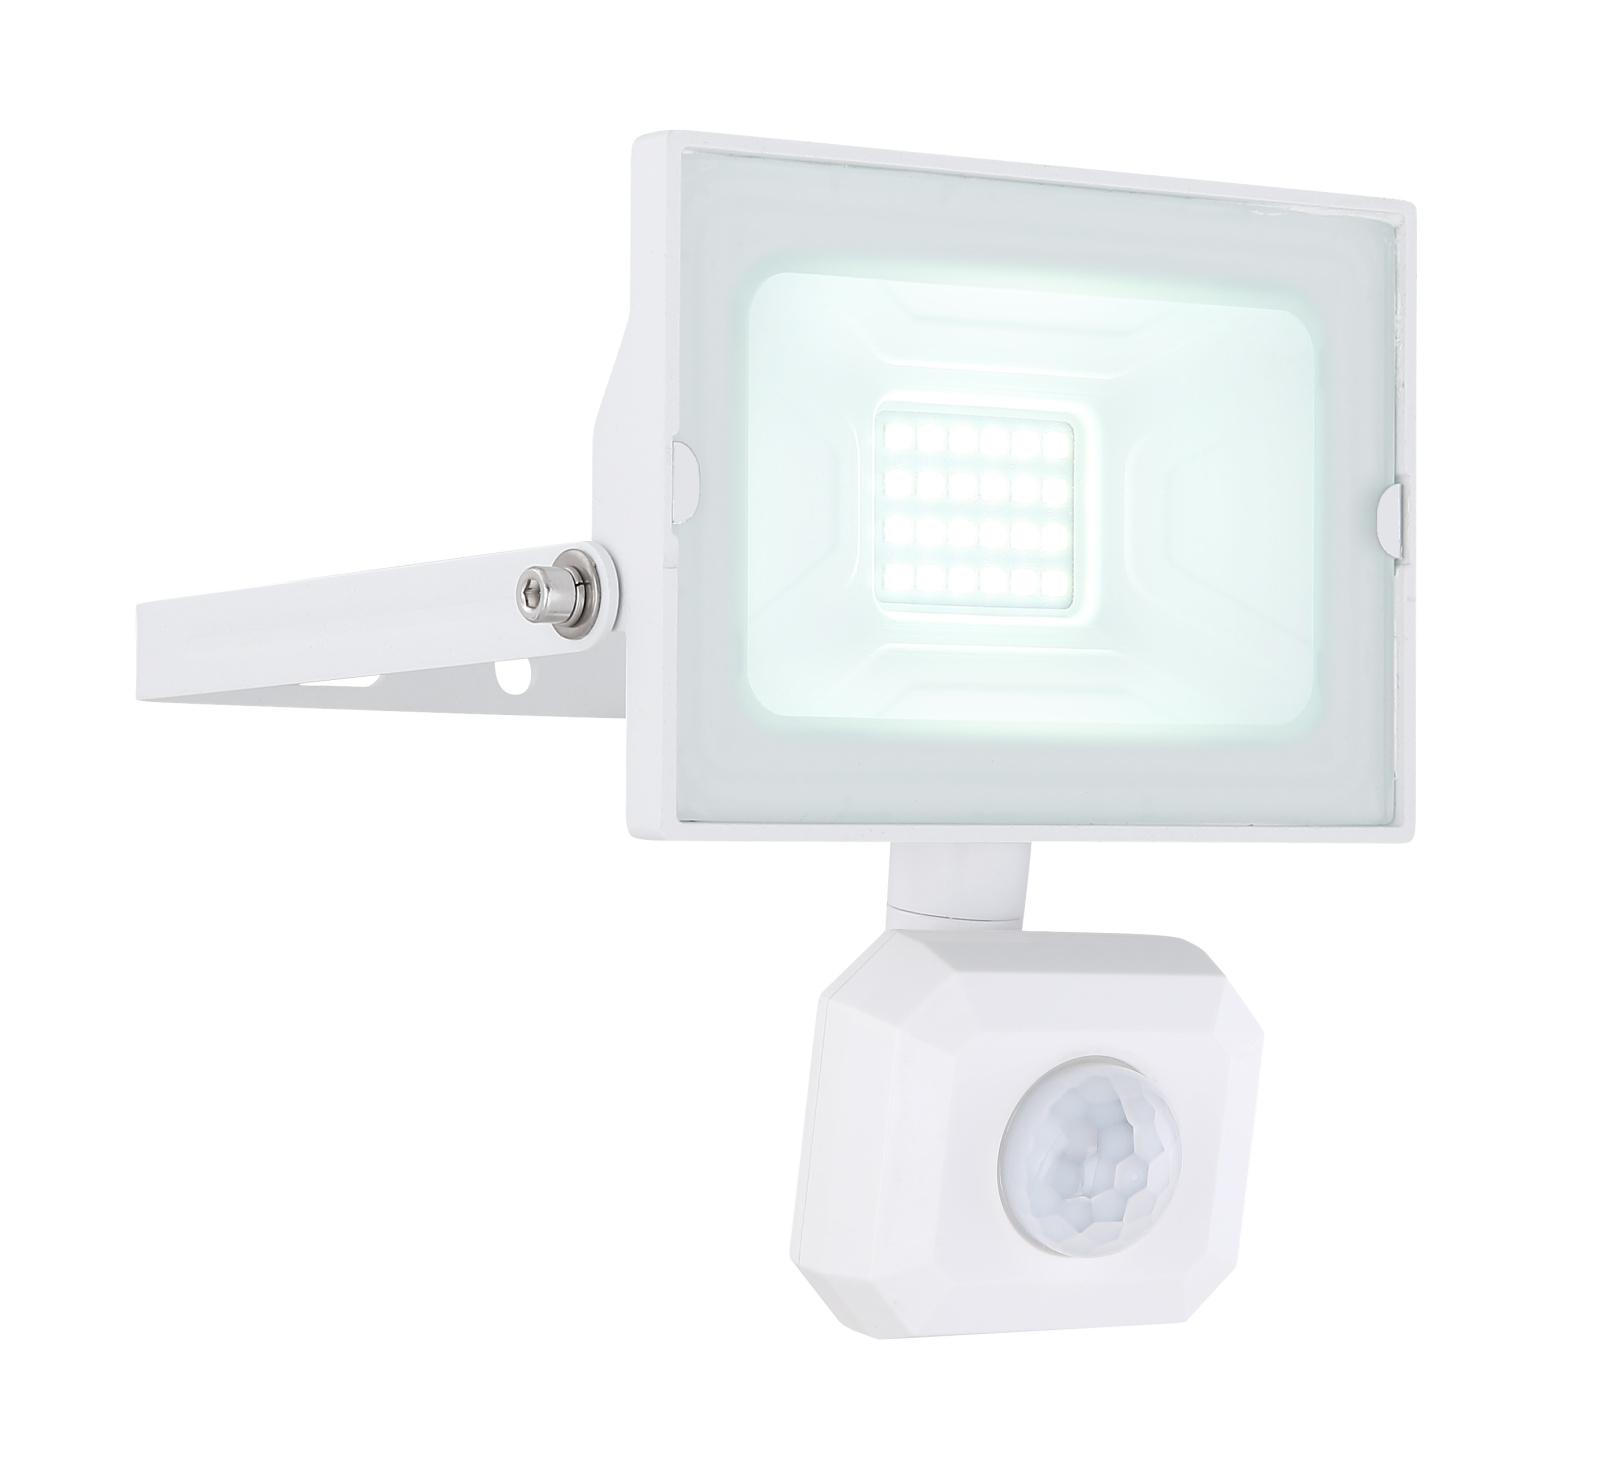 Kültéri reflektor fehér alumínium, üveg búrával, szenzorral szerelve. IP44 inkl. 1xLED 20W 230V, 1500lm, 6000K